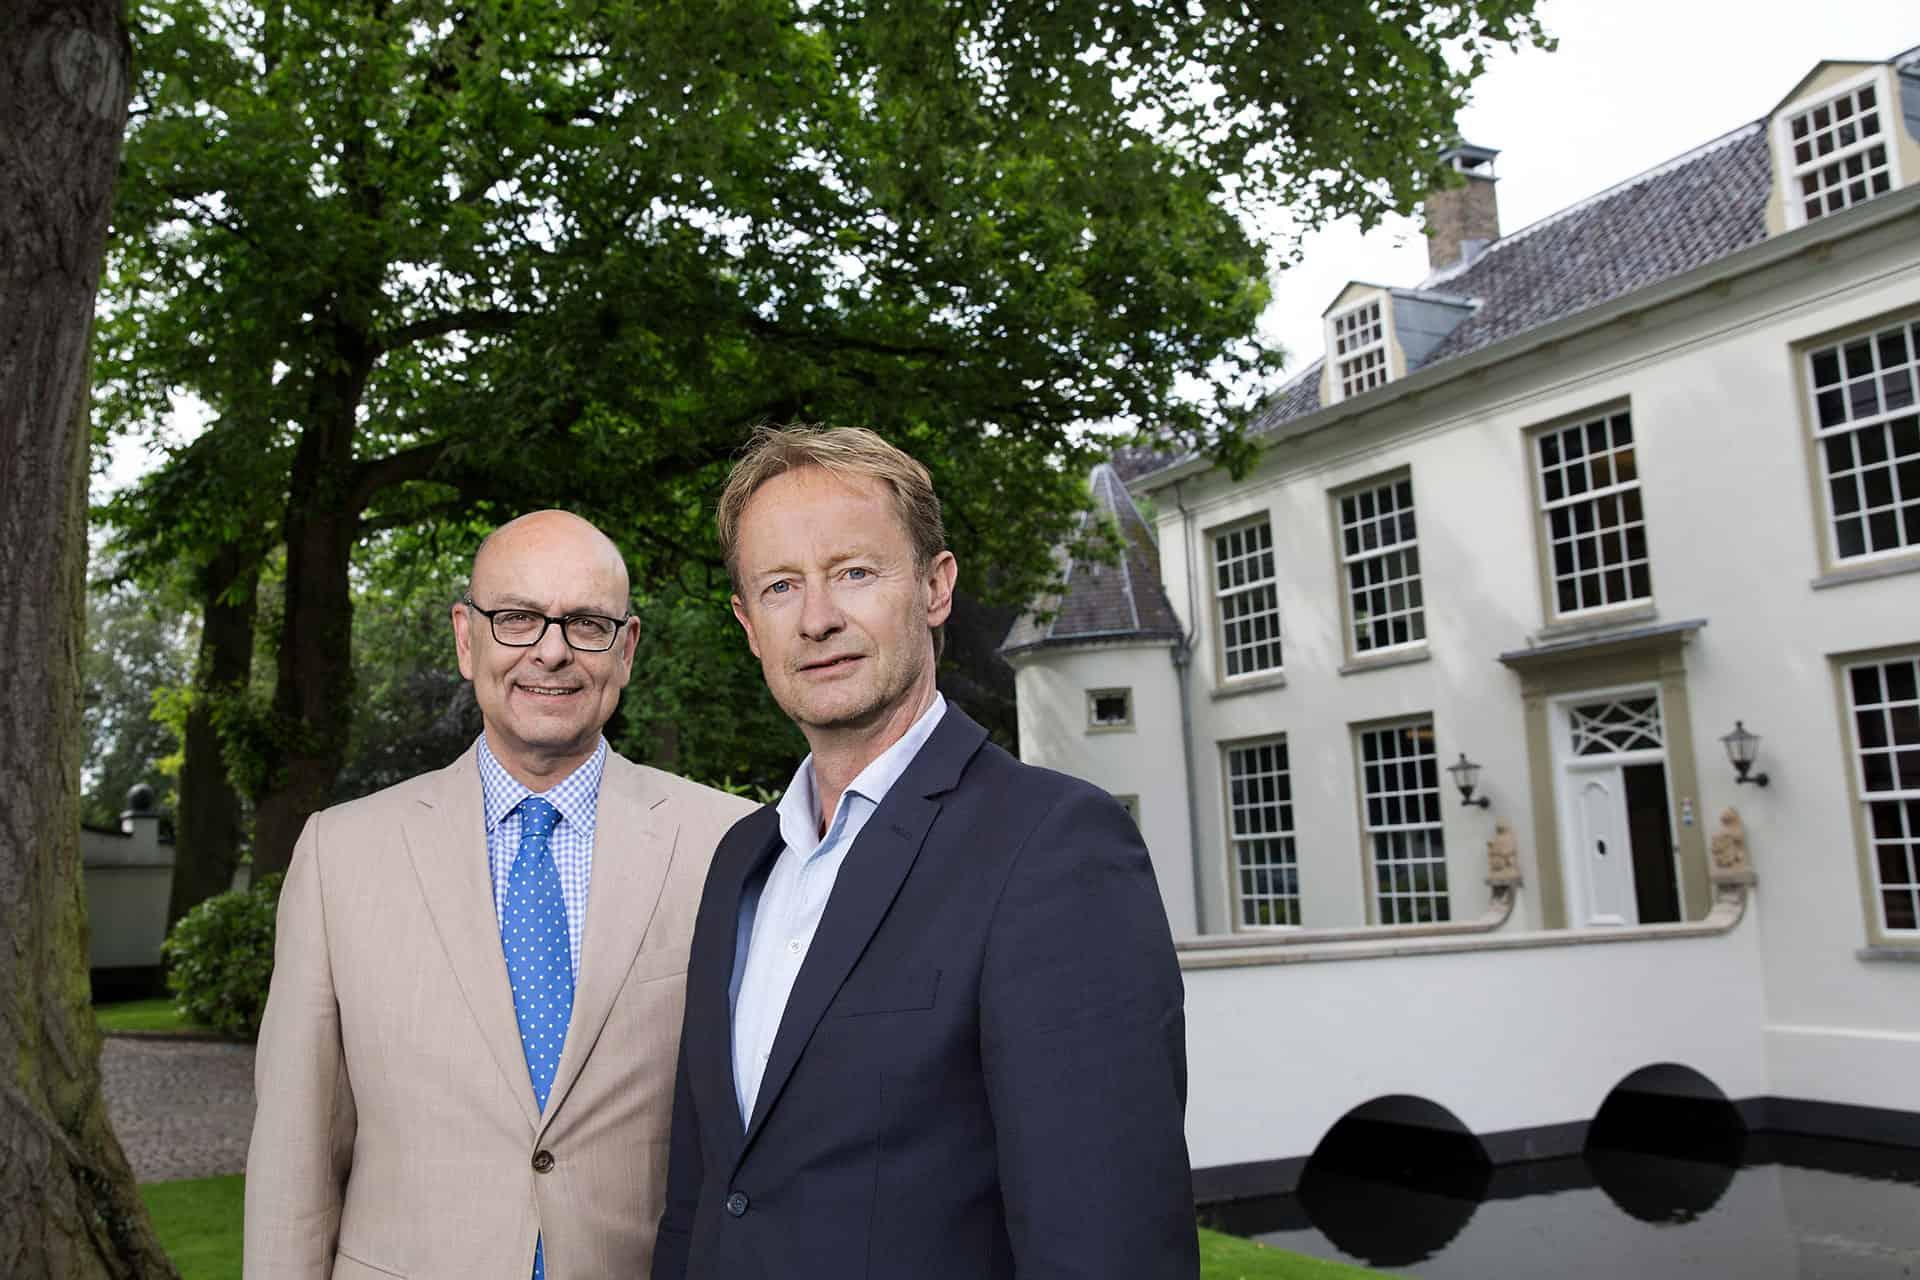 leiderschapscoaches Toon van Mierlo en Reinwout Schram